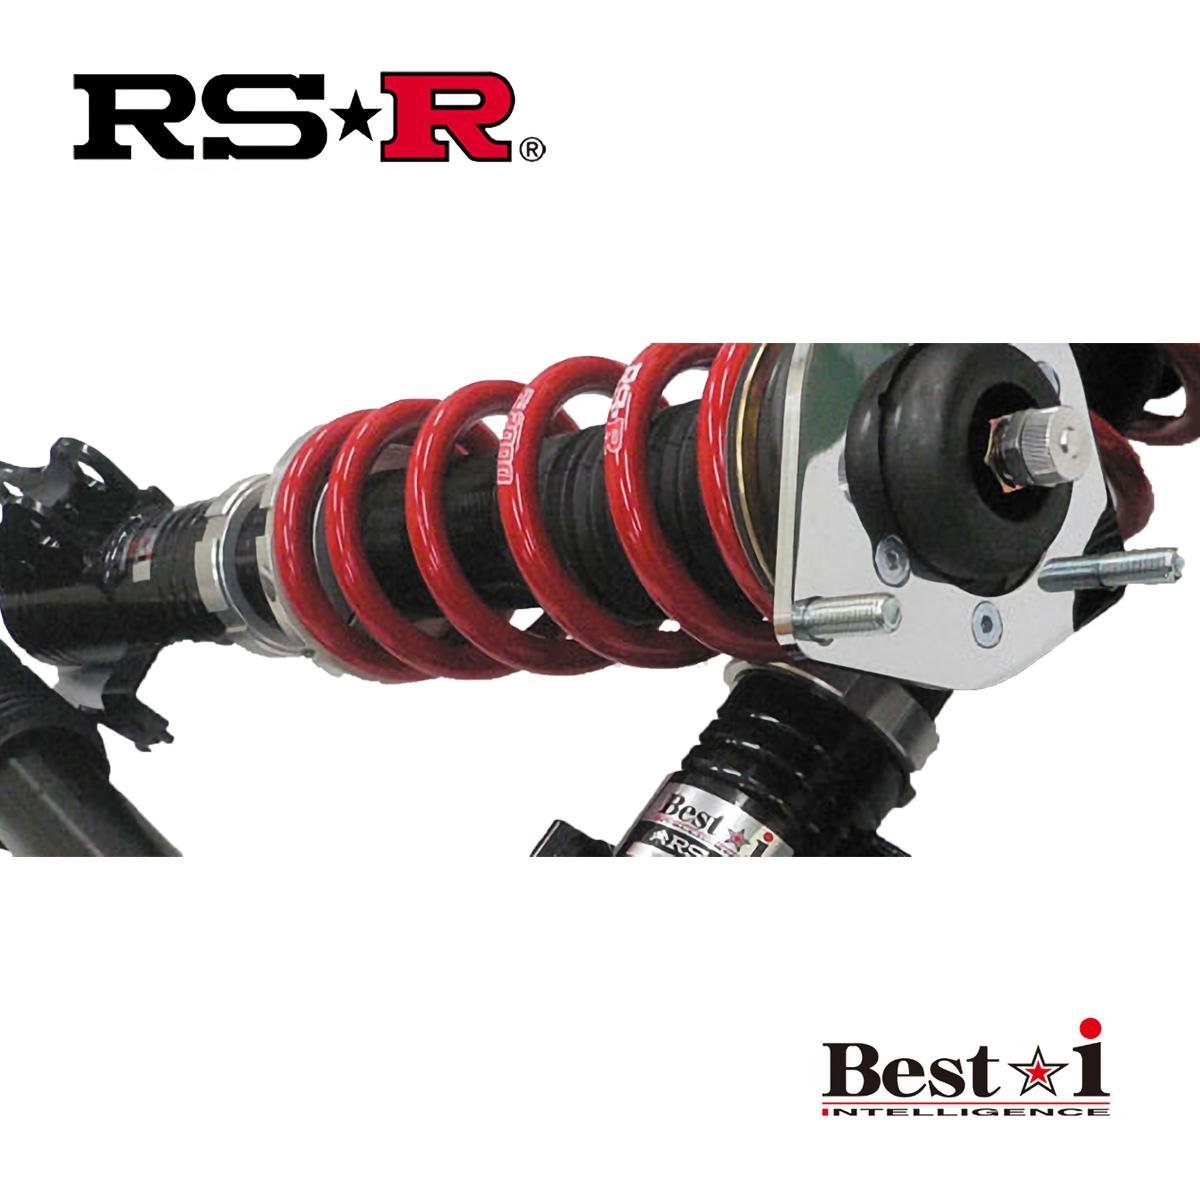 RS-R C-HR G ZYX10 車高調 リア車高調整:ネジ式/推奨バネレート仕様 BIT385M ベストi RSR 個人宅発送追金有